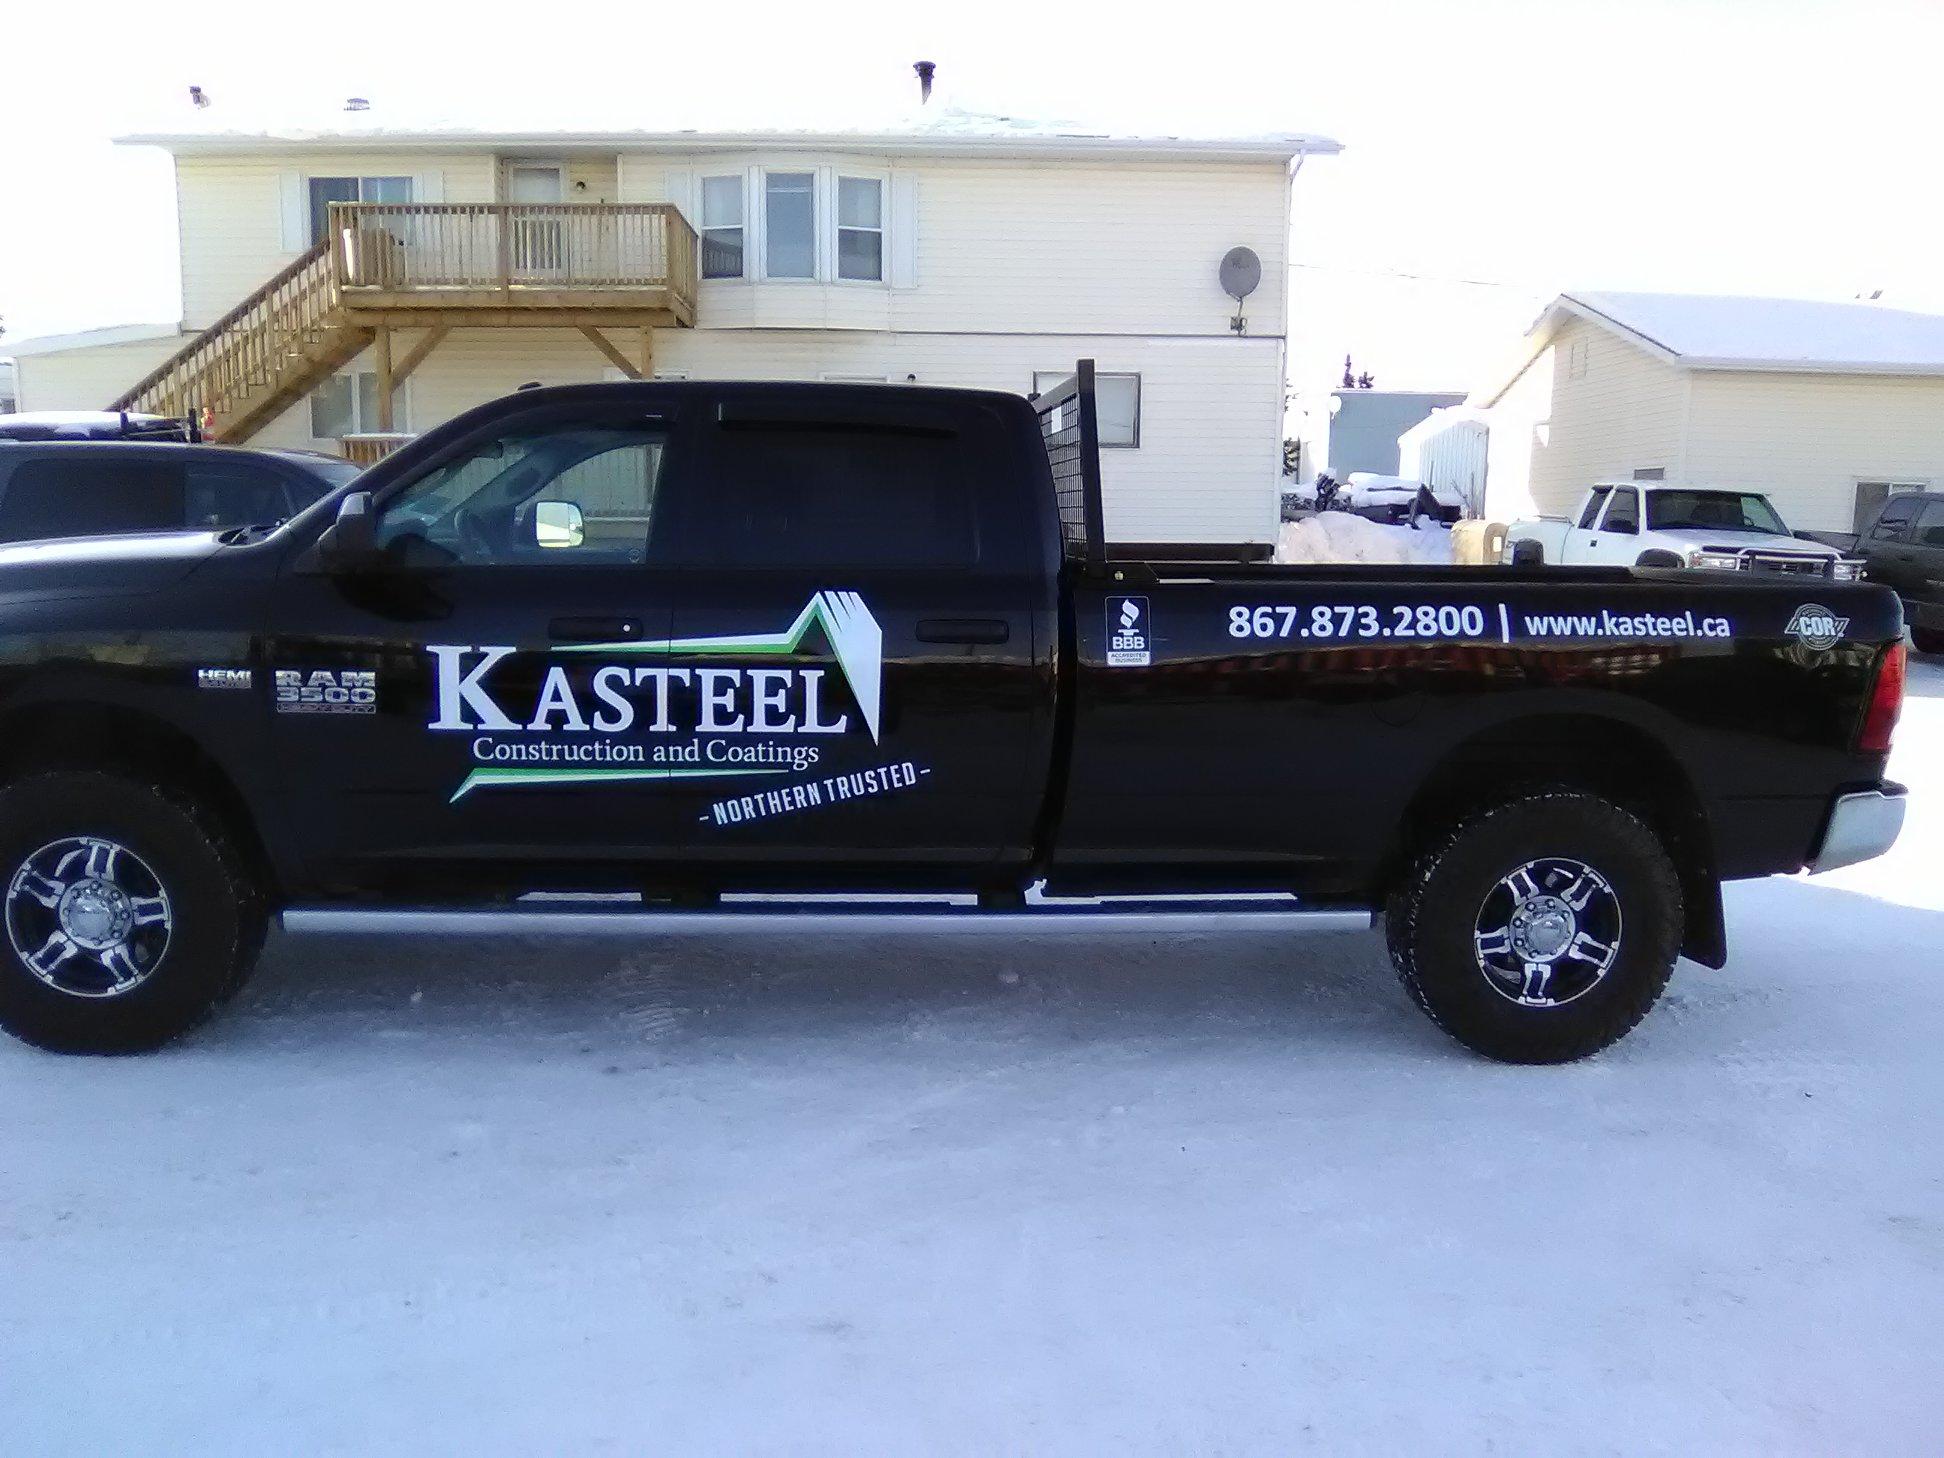 Kasteel Construction & Coating fleet decals.